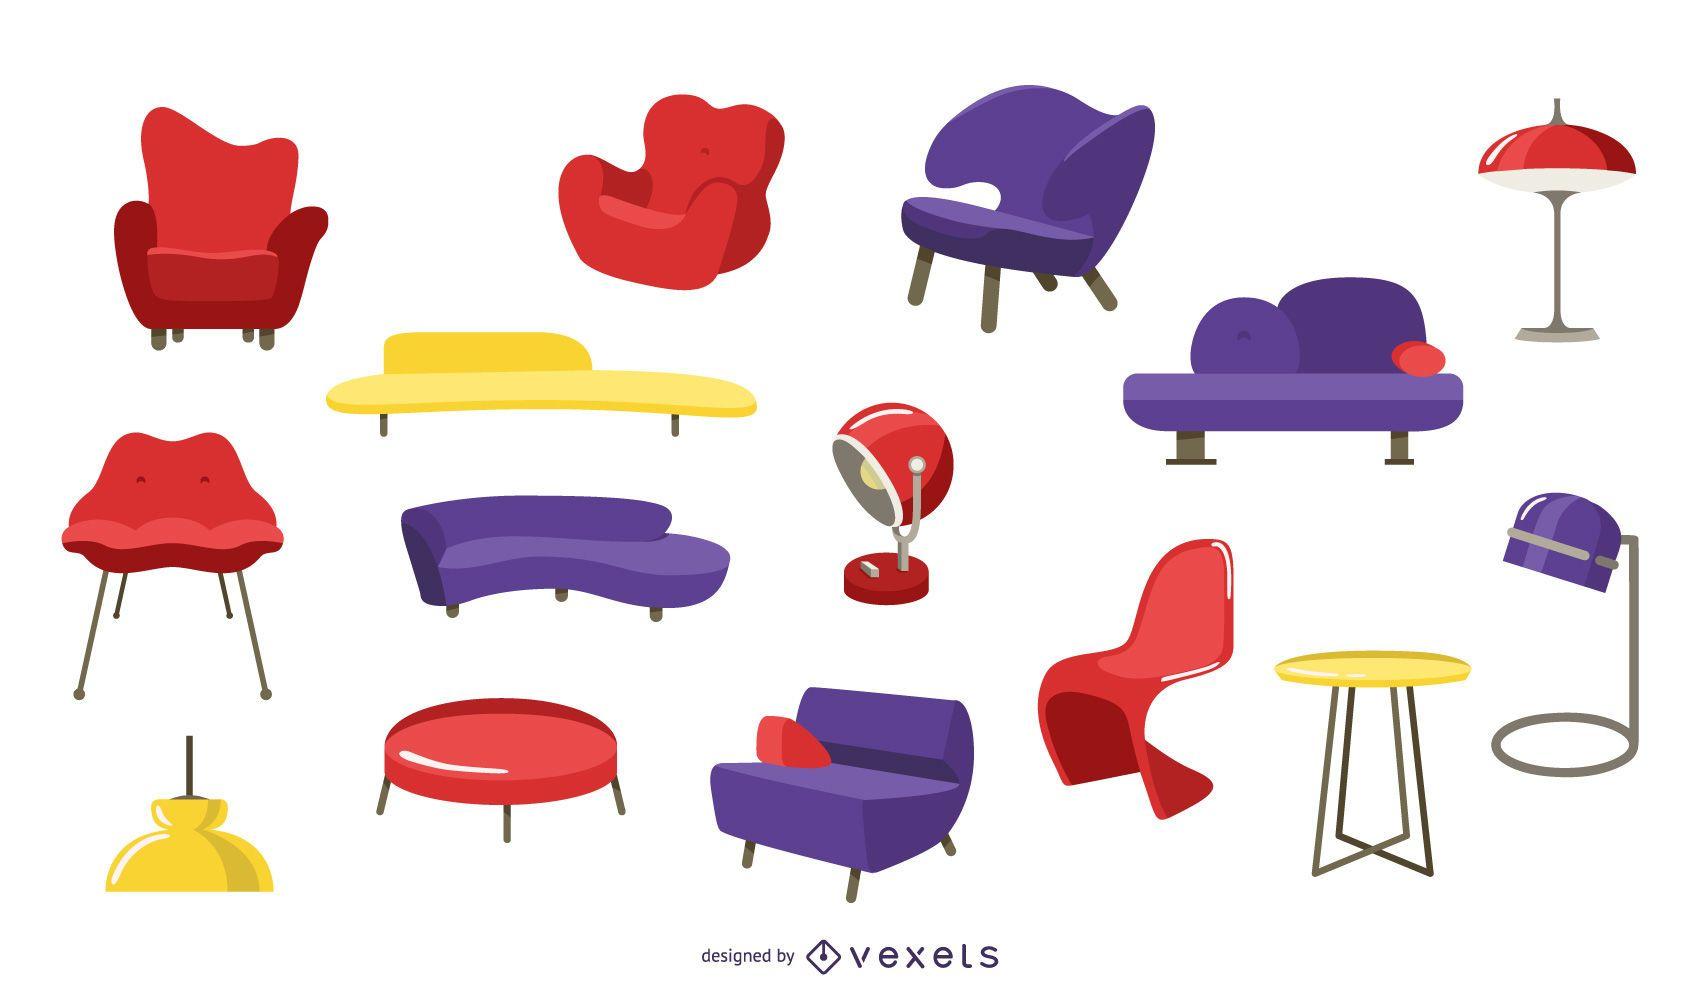 Colección de muebles pop art